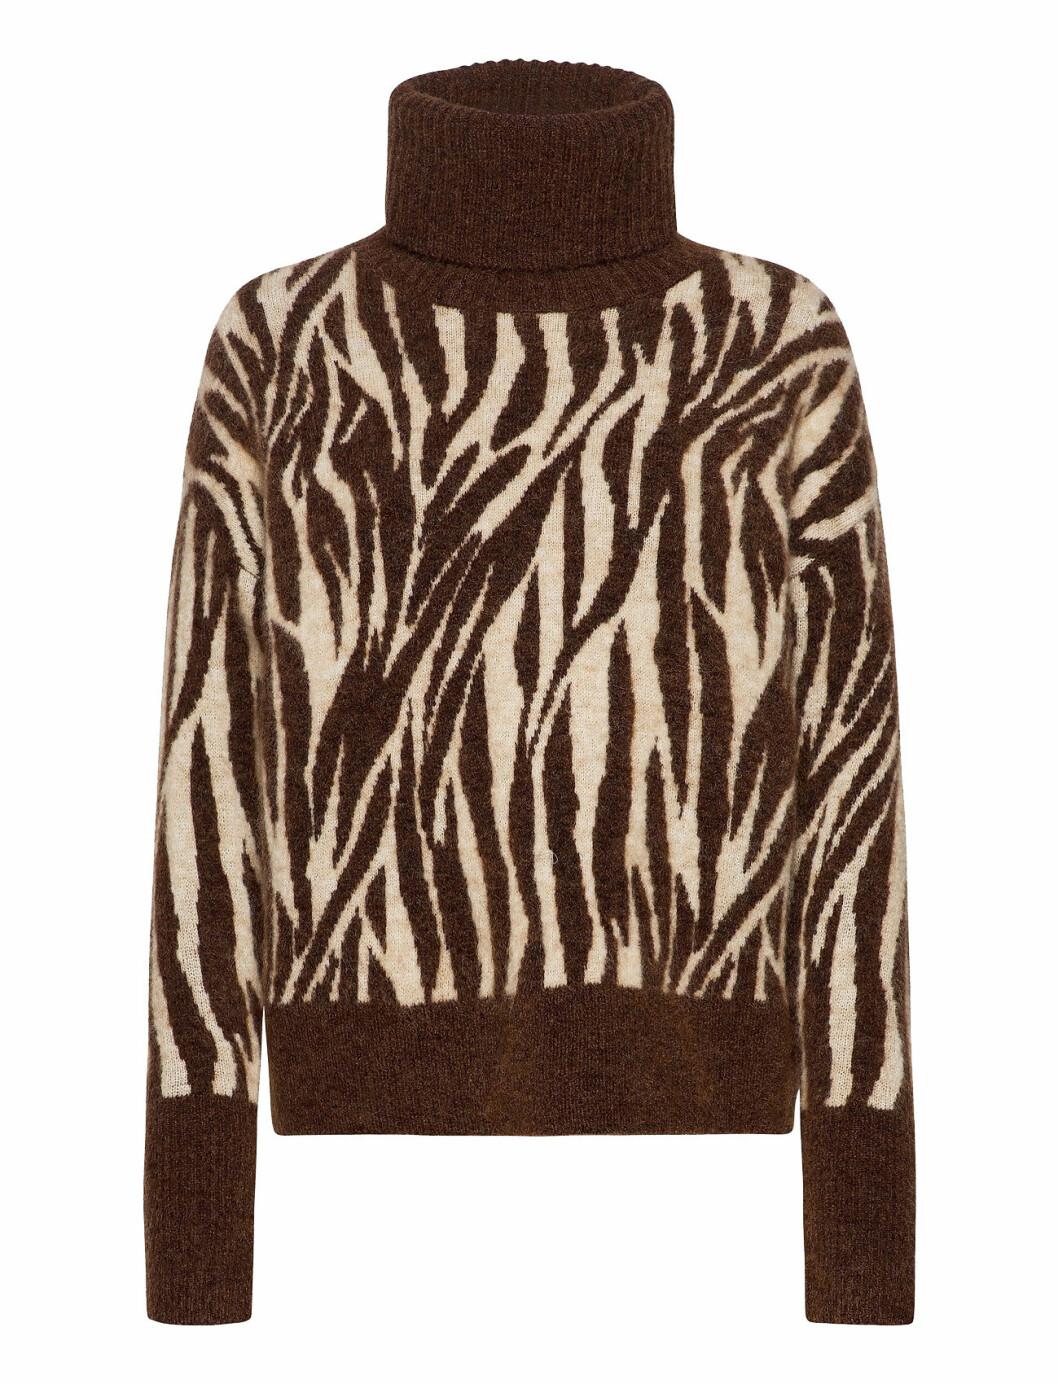 tröja från Tiger of Sweden i zebramönster.